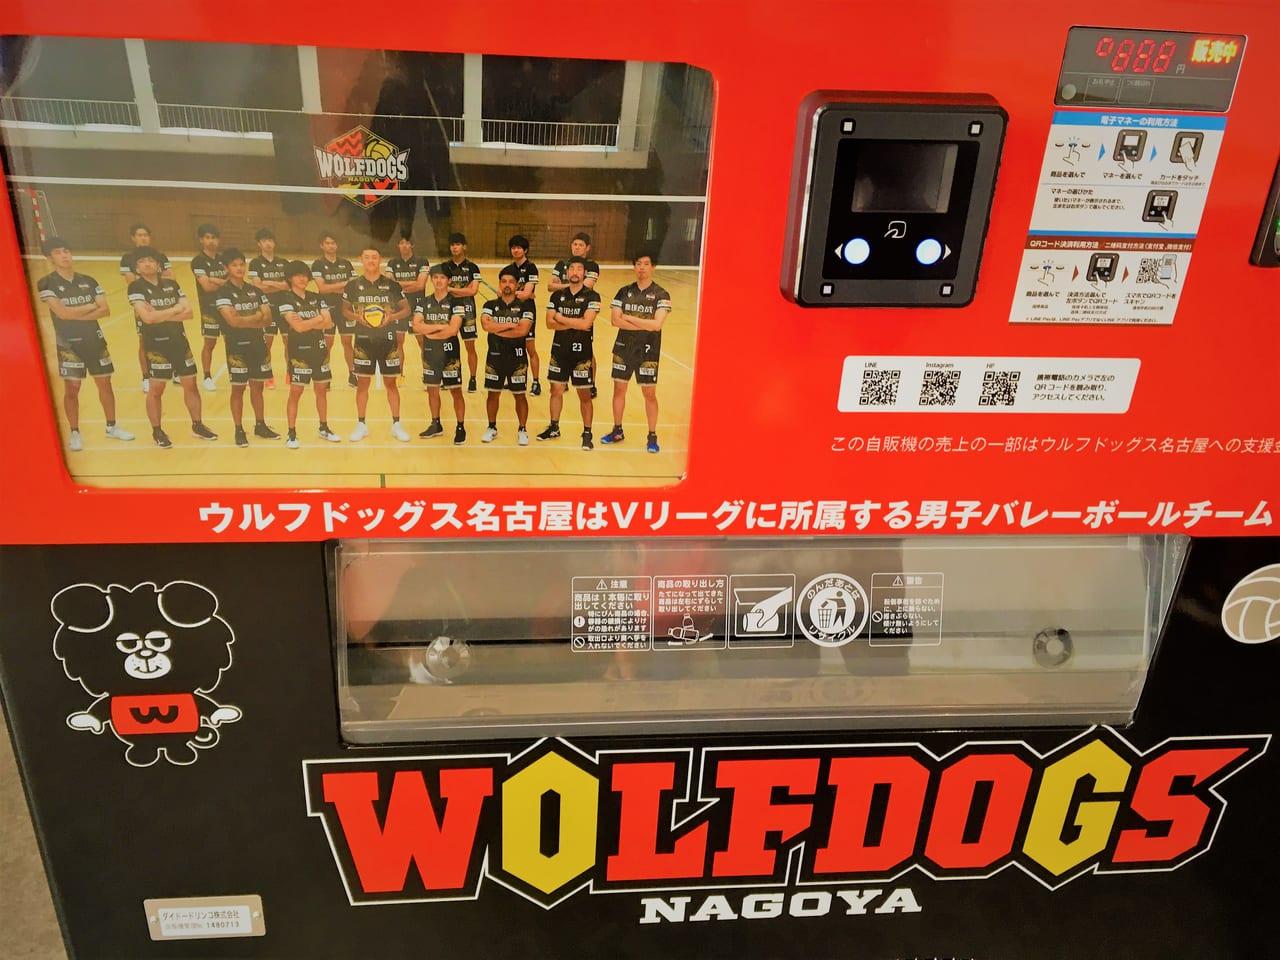 豊田合成記念体育館エントリオの自販機